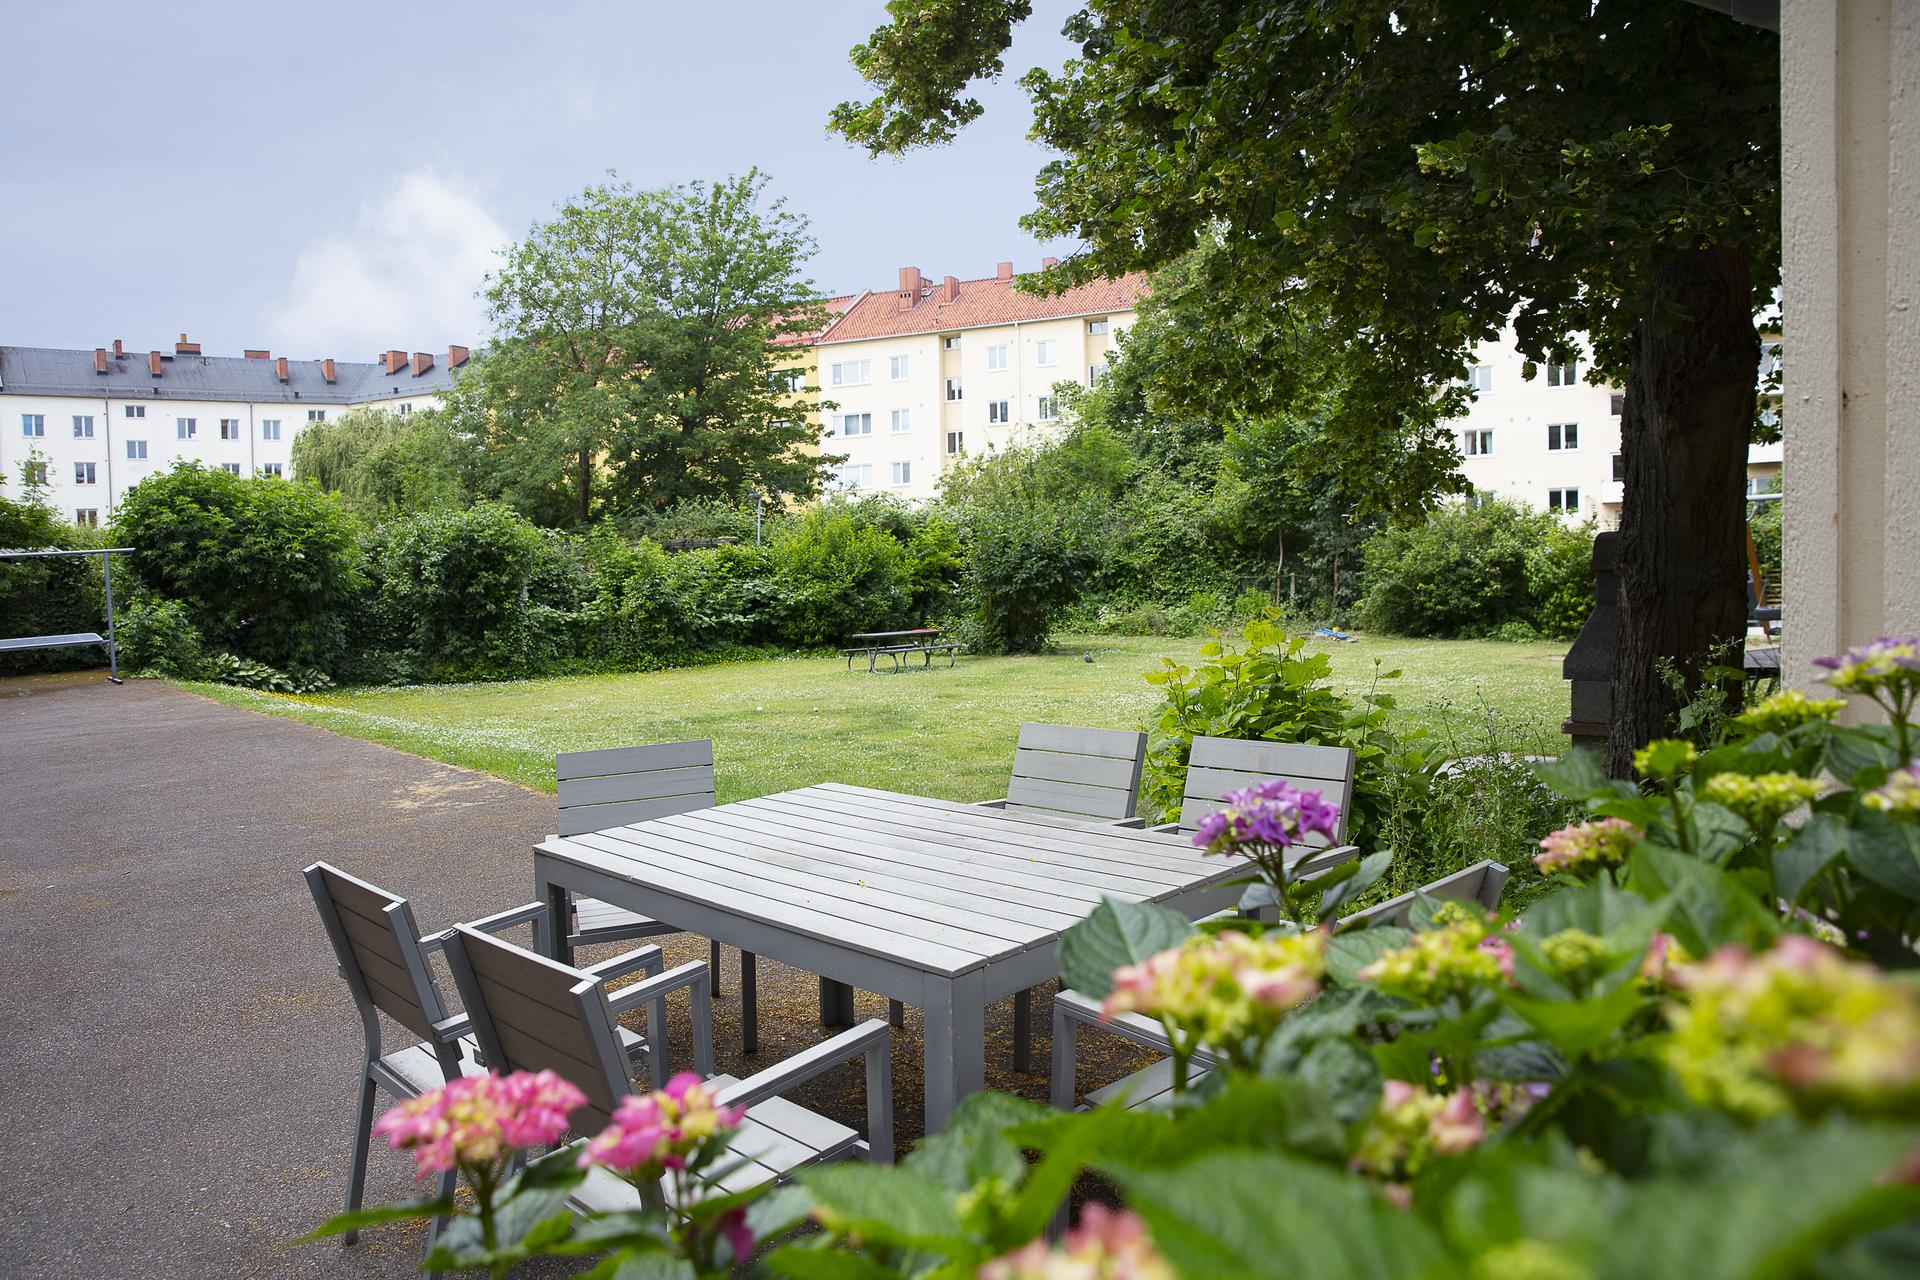 Brf. Rydbergshill erbjuder en grönskande innergård med flera sittplatser